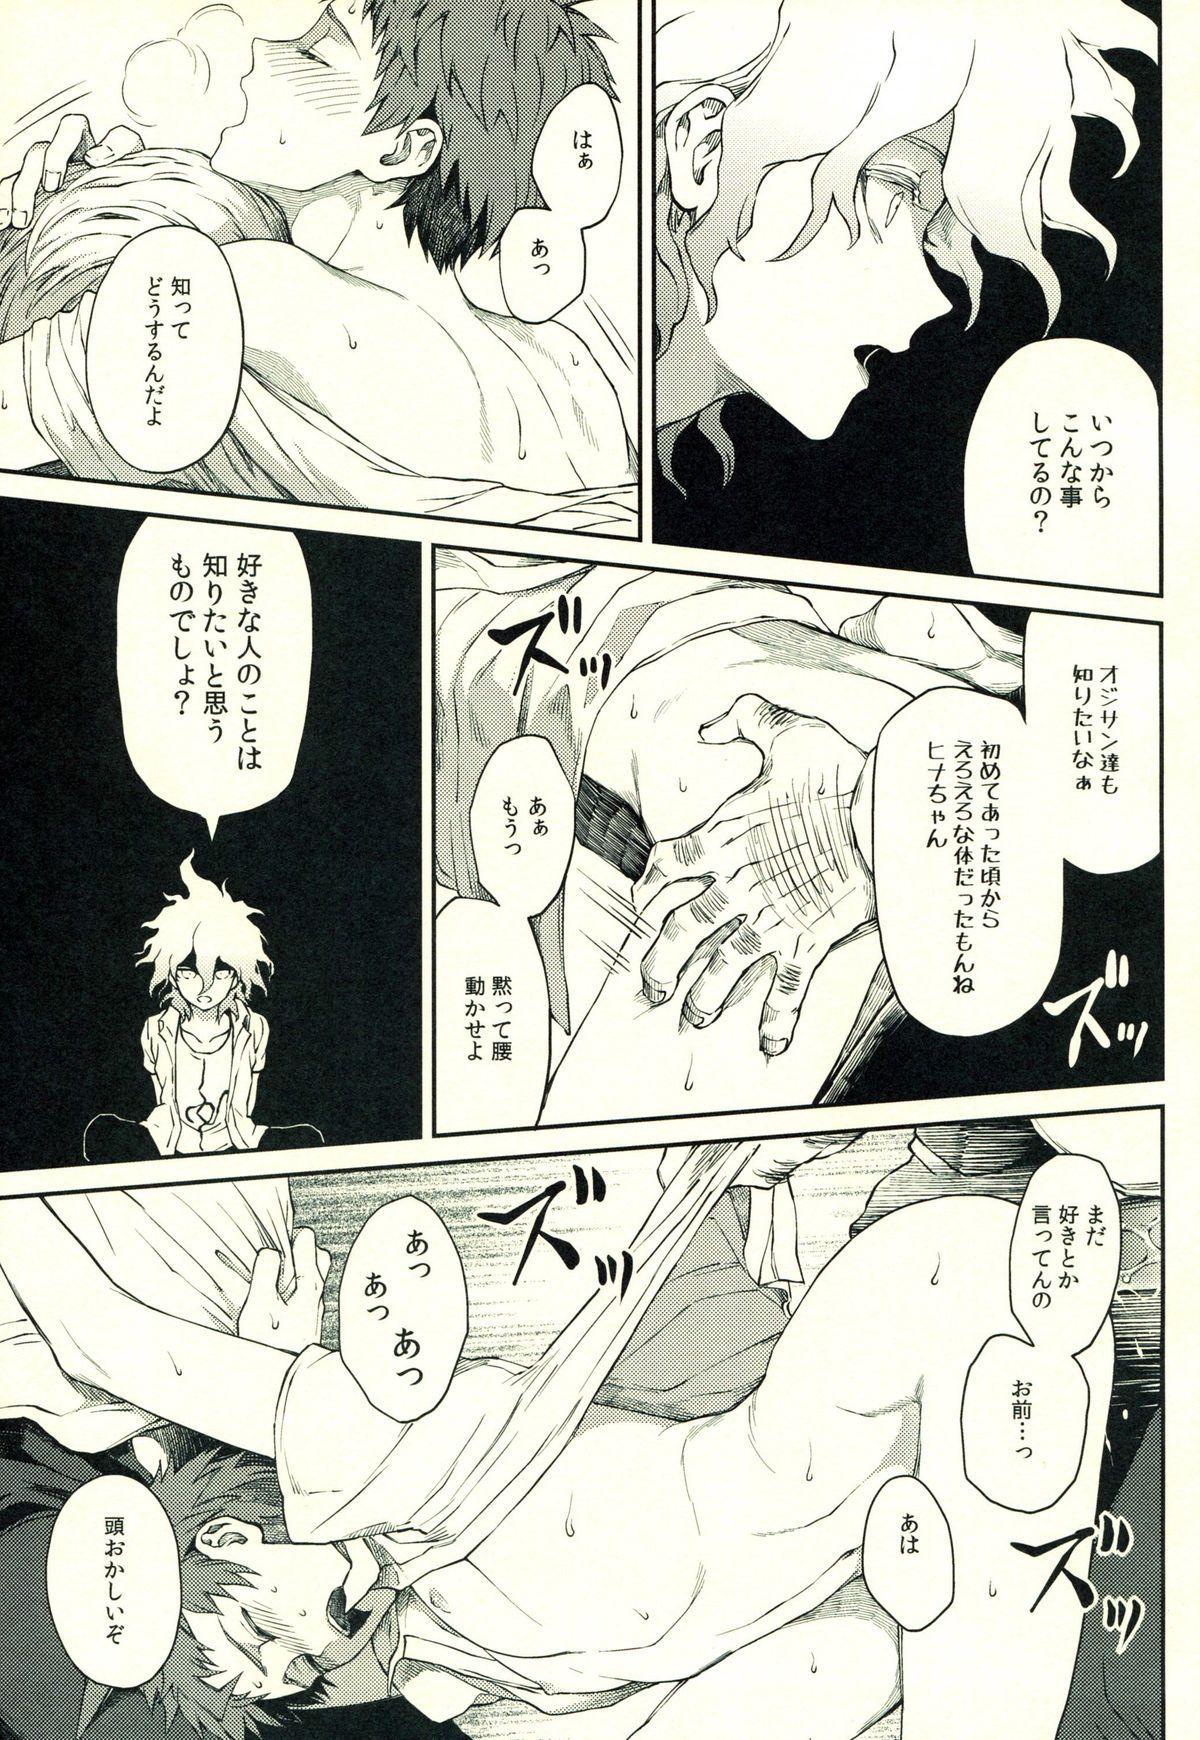 Hinata Hajime no Himitsu no Jikan 7